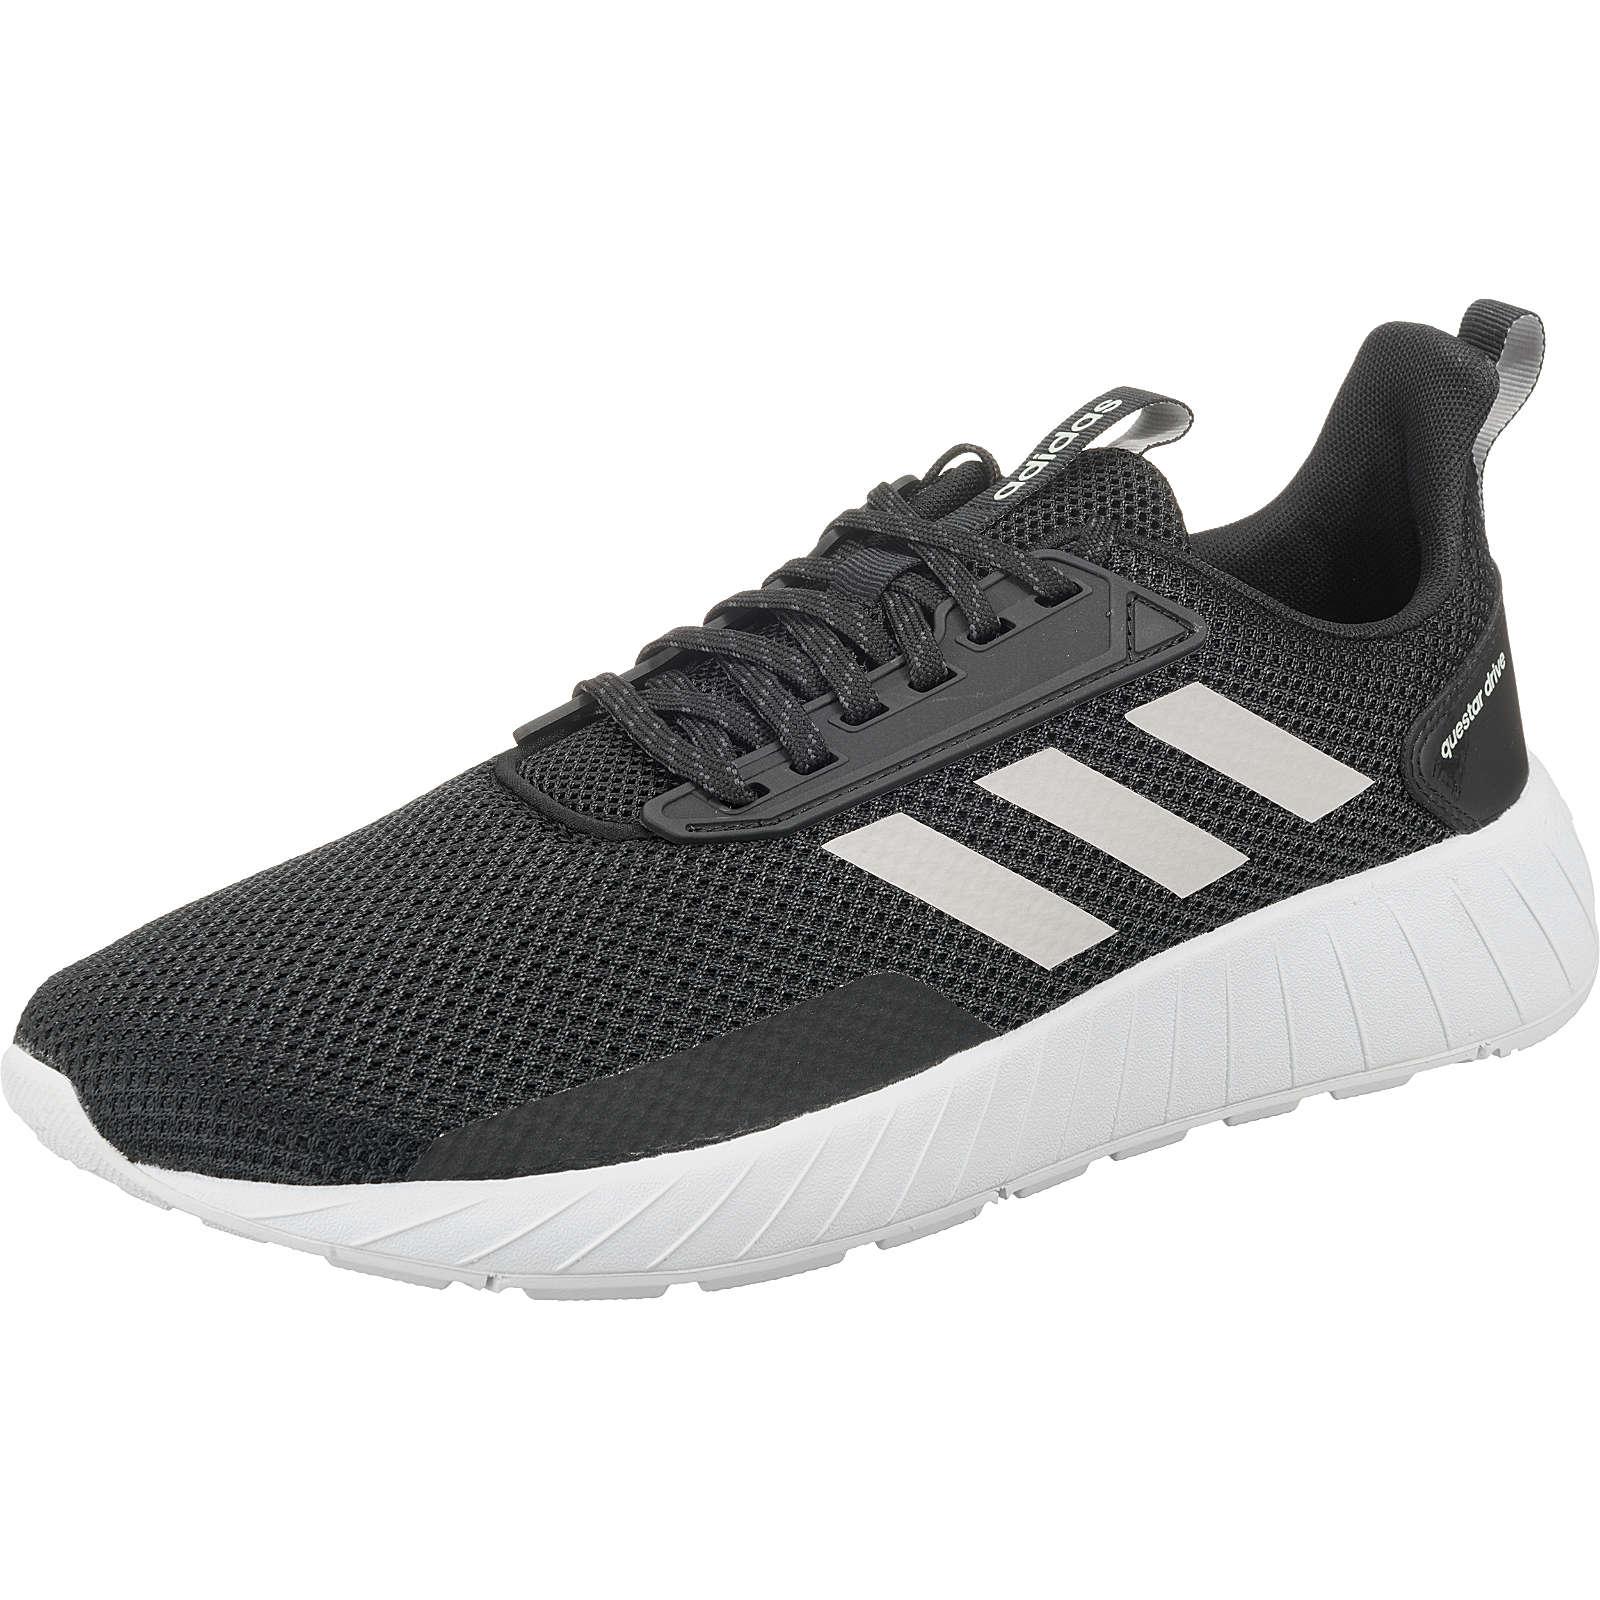 adidas Sport Inspired Questar Drive Sneakers schwarz Herren Gr. 46 2/3 jetztbilligerkaufen.de